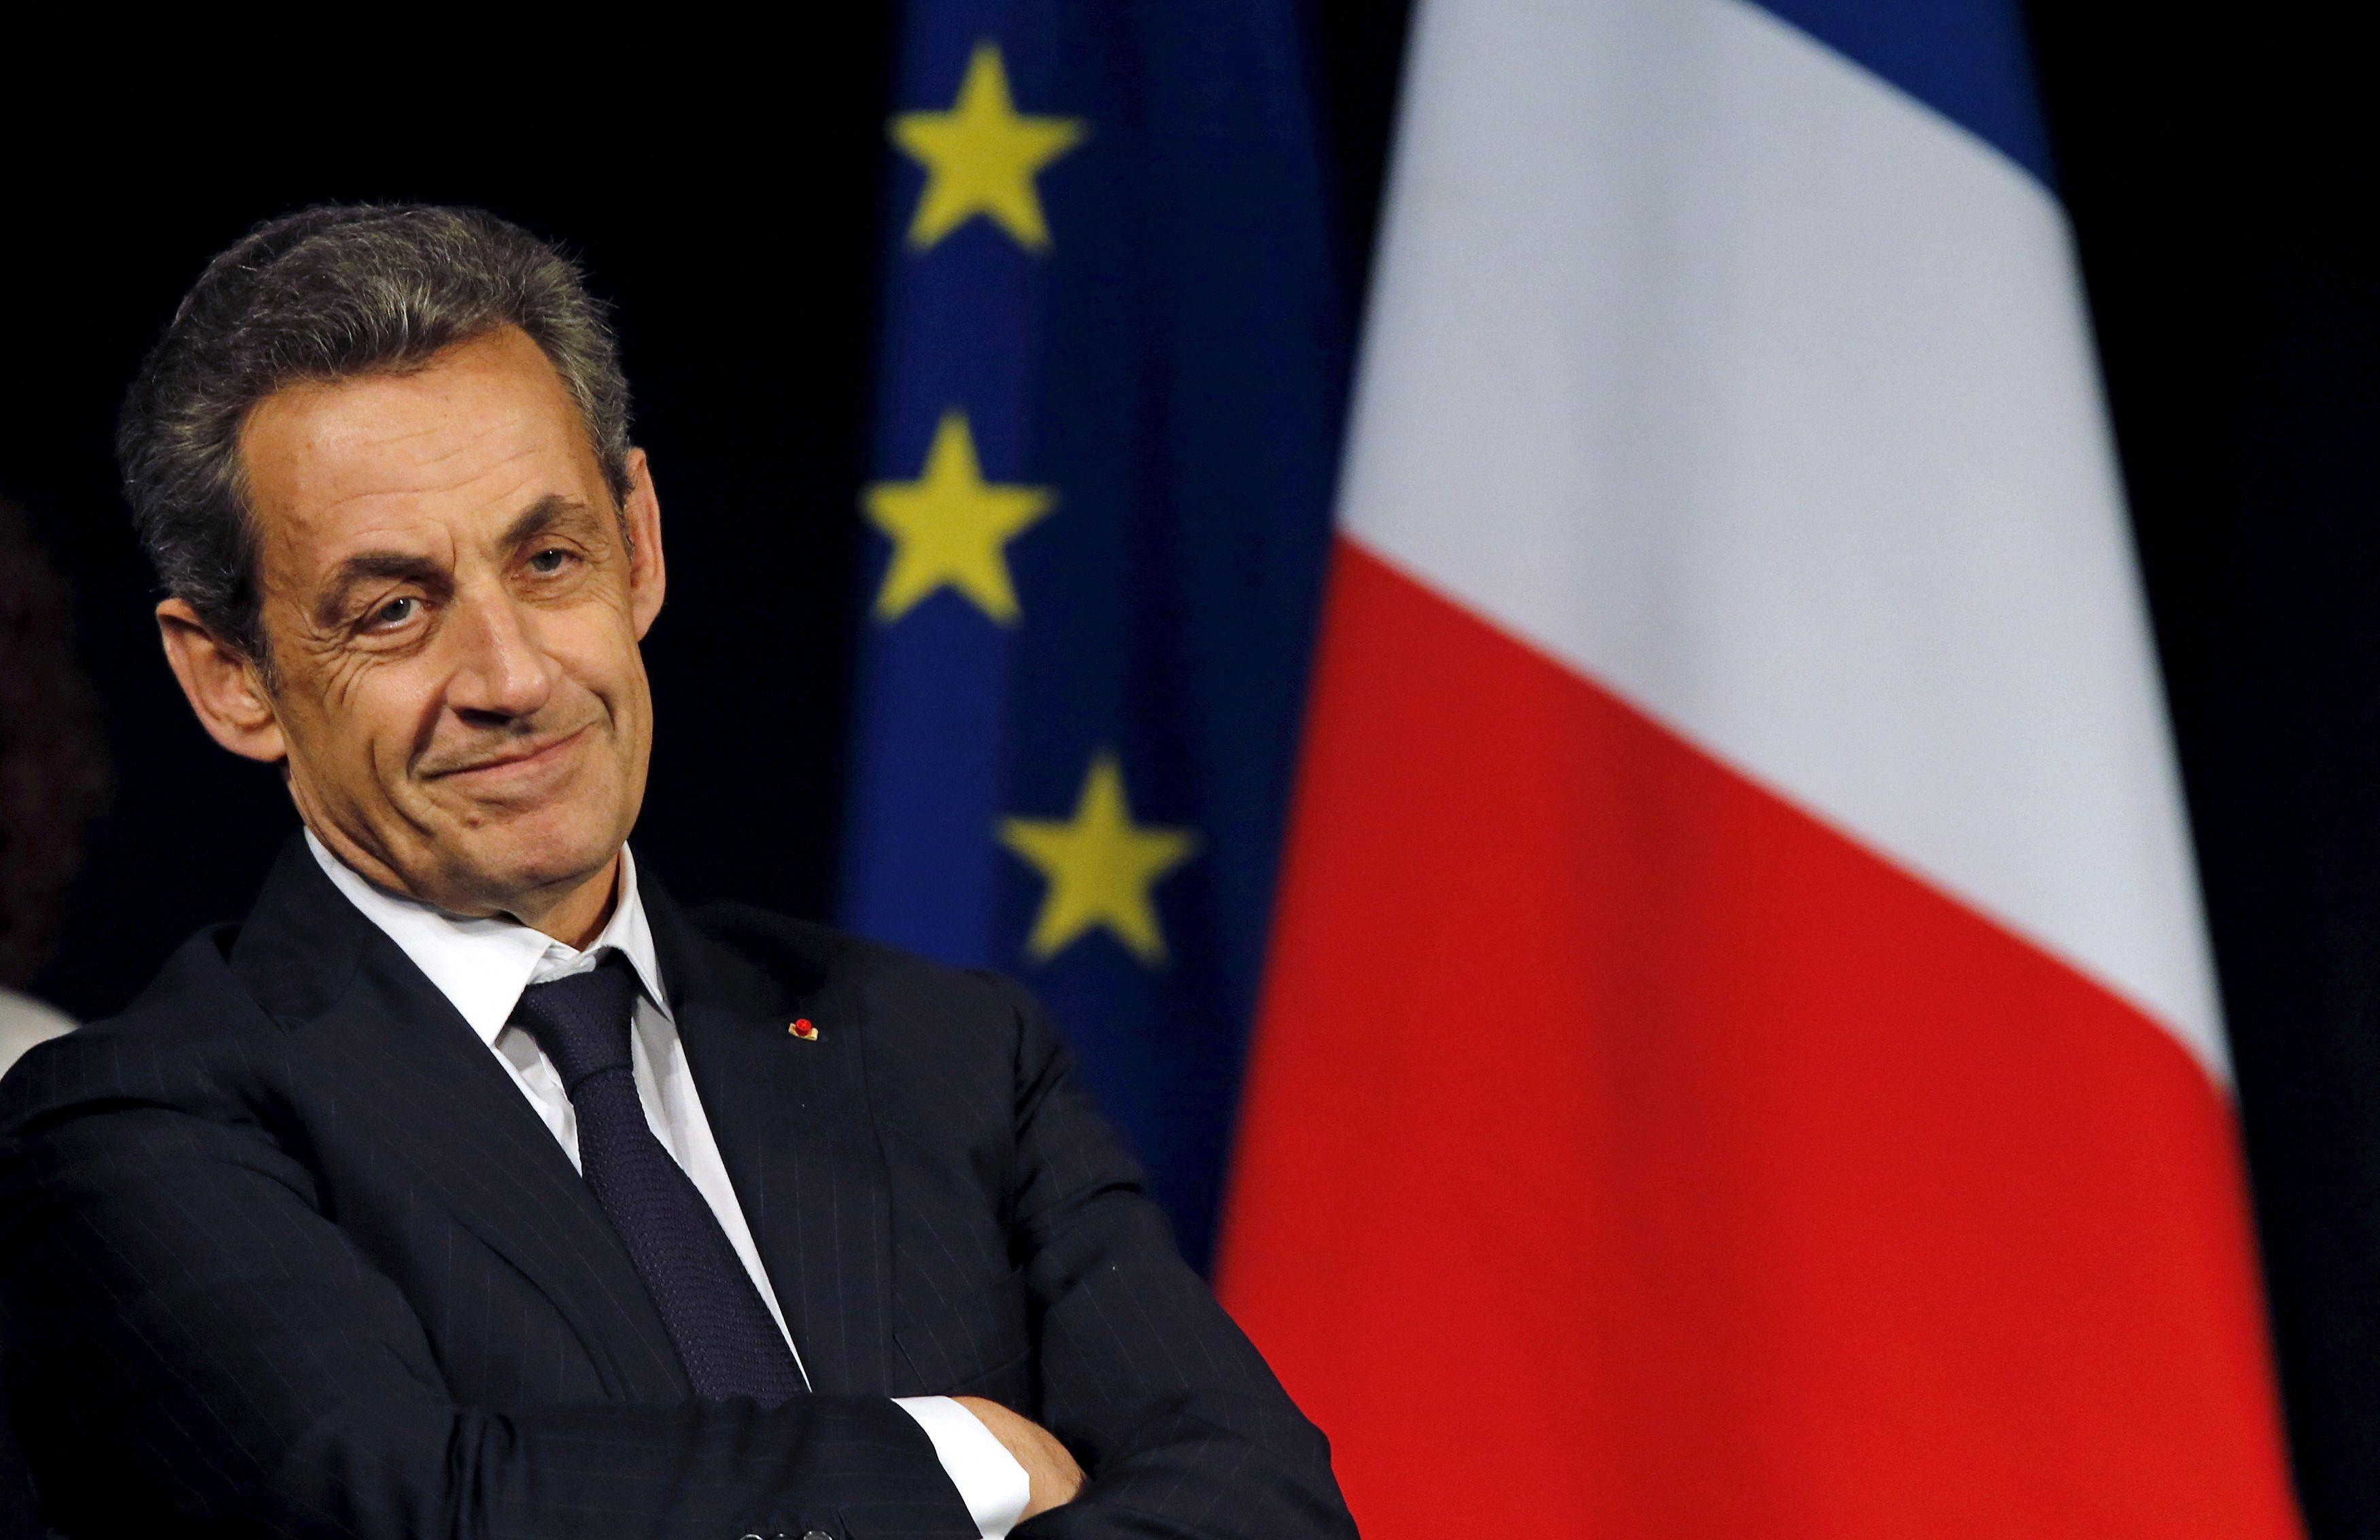 Mea culpa, fiertés, rivaux : ce qu'il faut retenir du nouveau livre de Nicolas Sarkozy